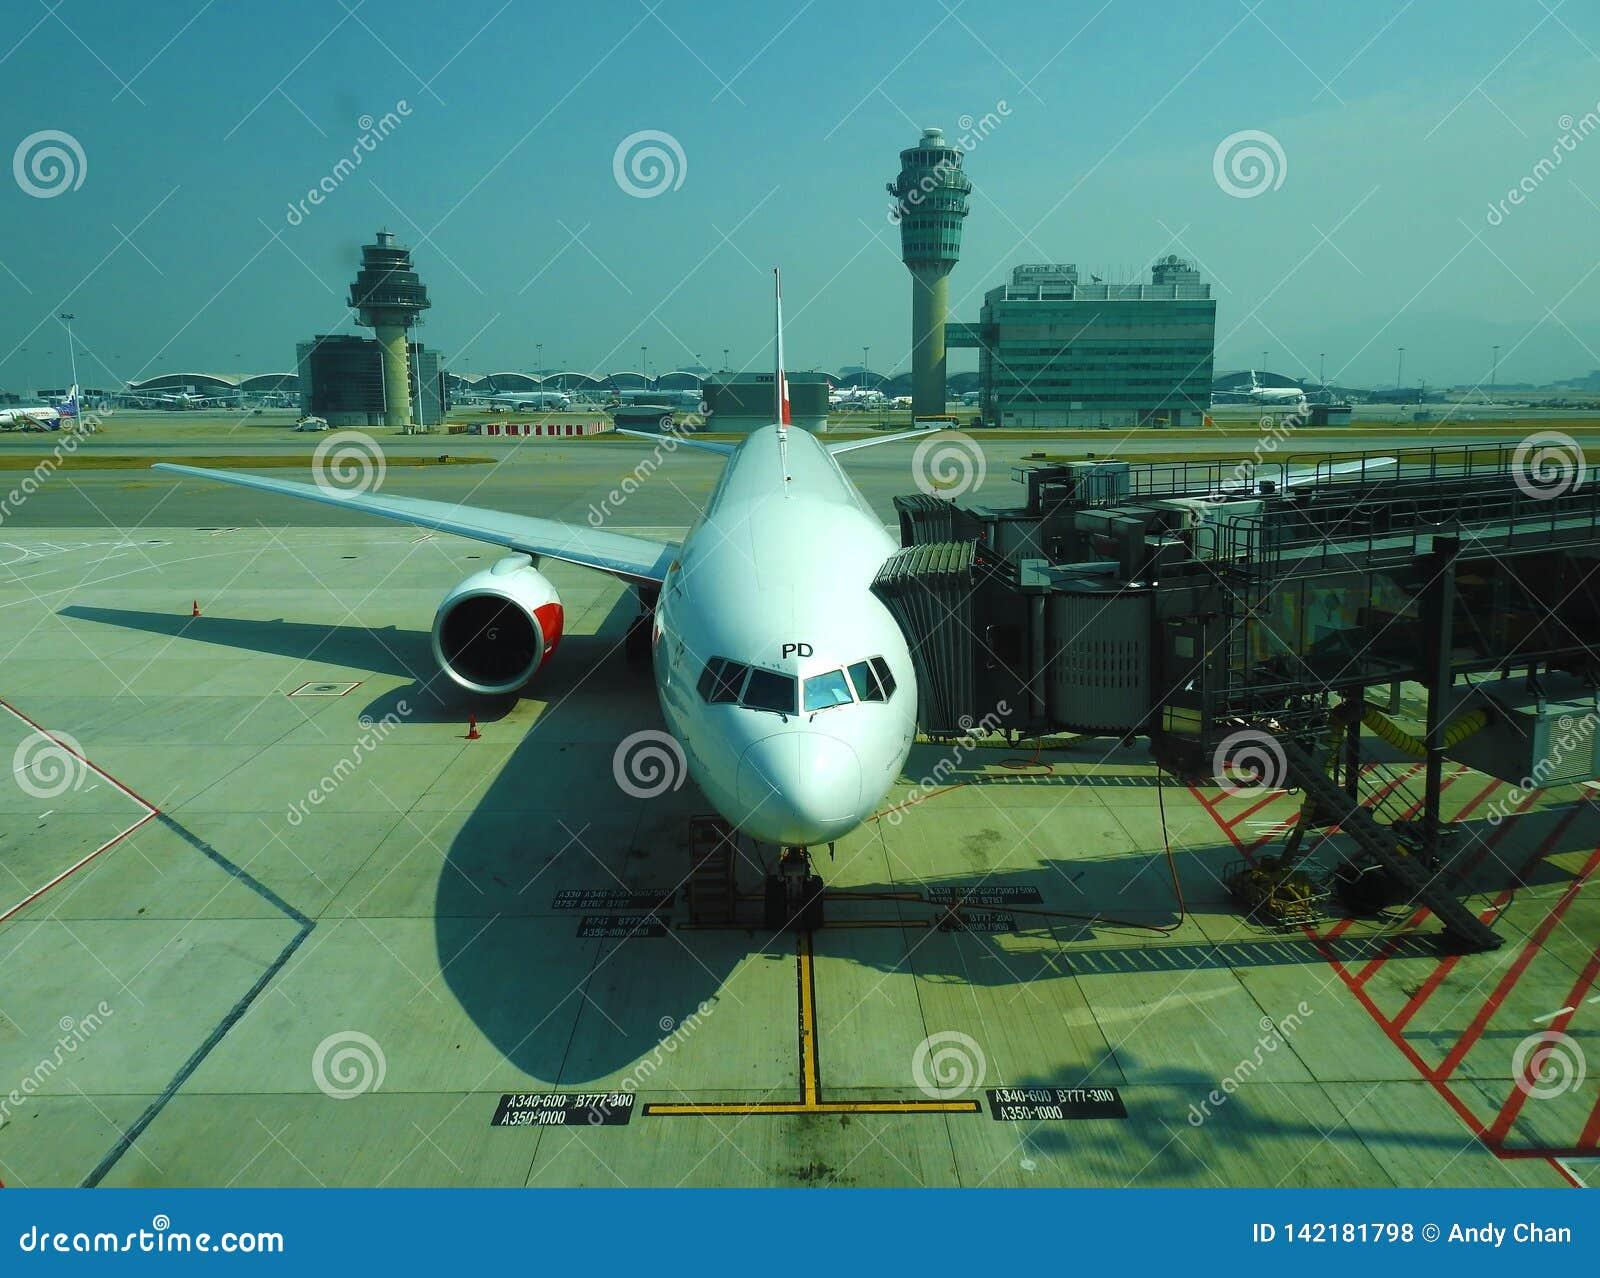 Um plano estacionado no passageiro de espera de HKIA para embarcar